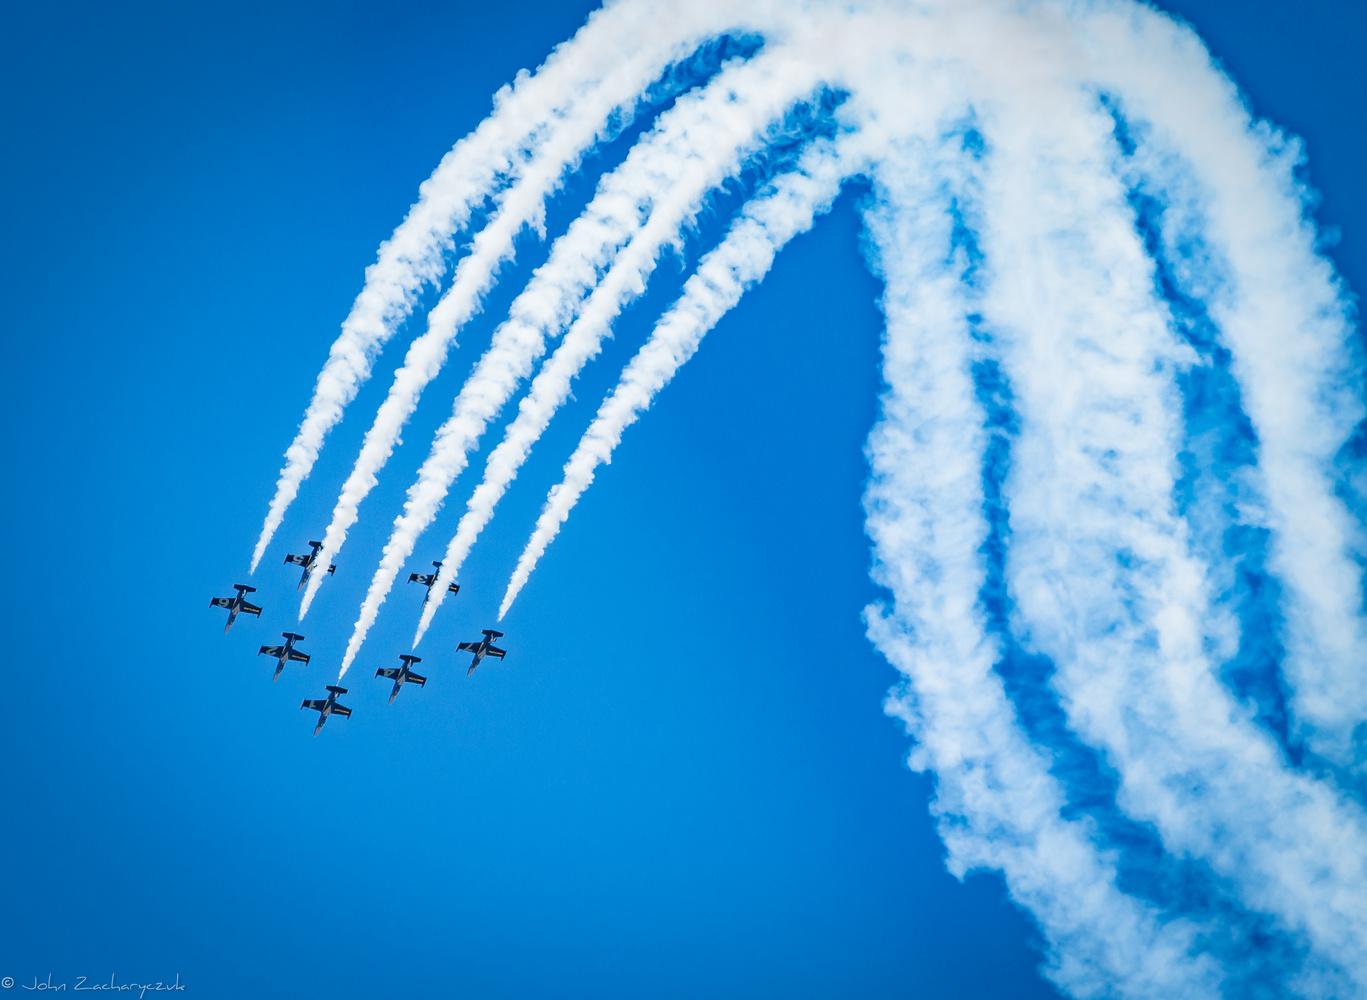 Breitling Jet Team by John Zacharyczuk